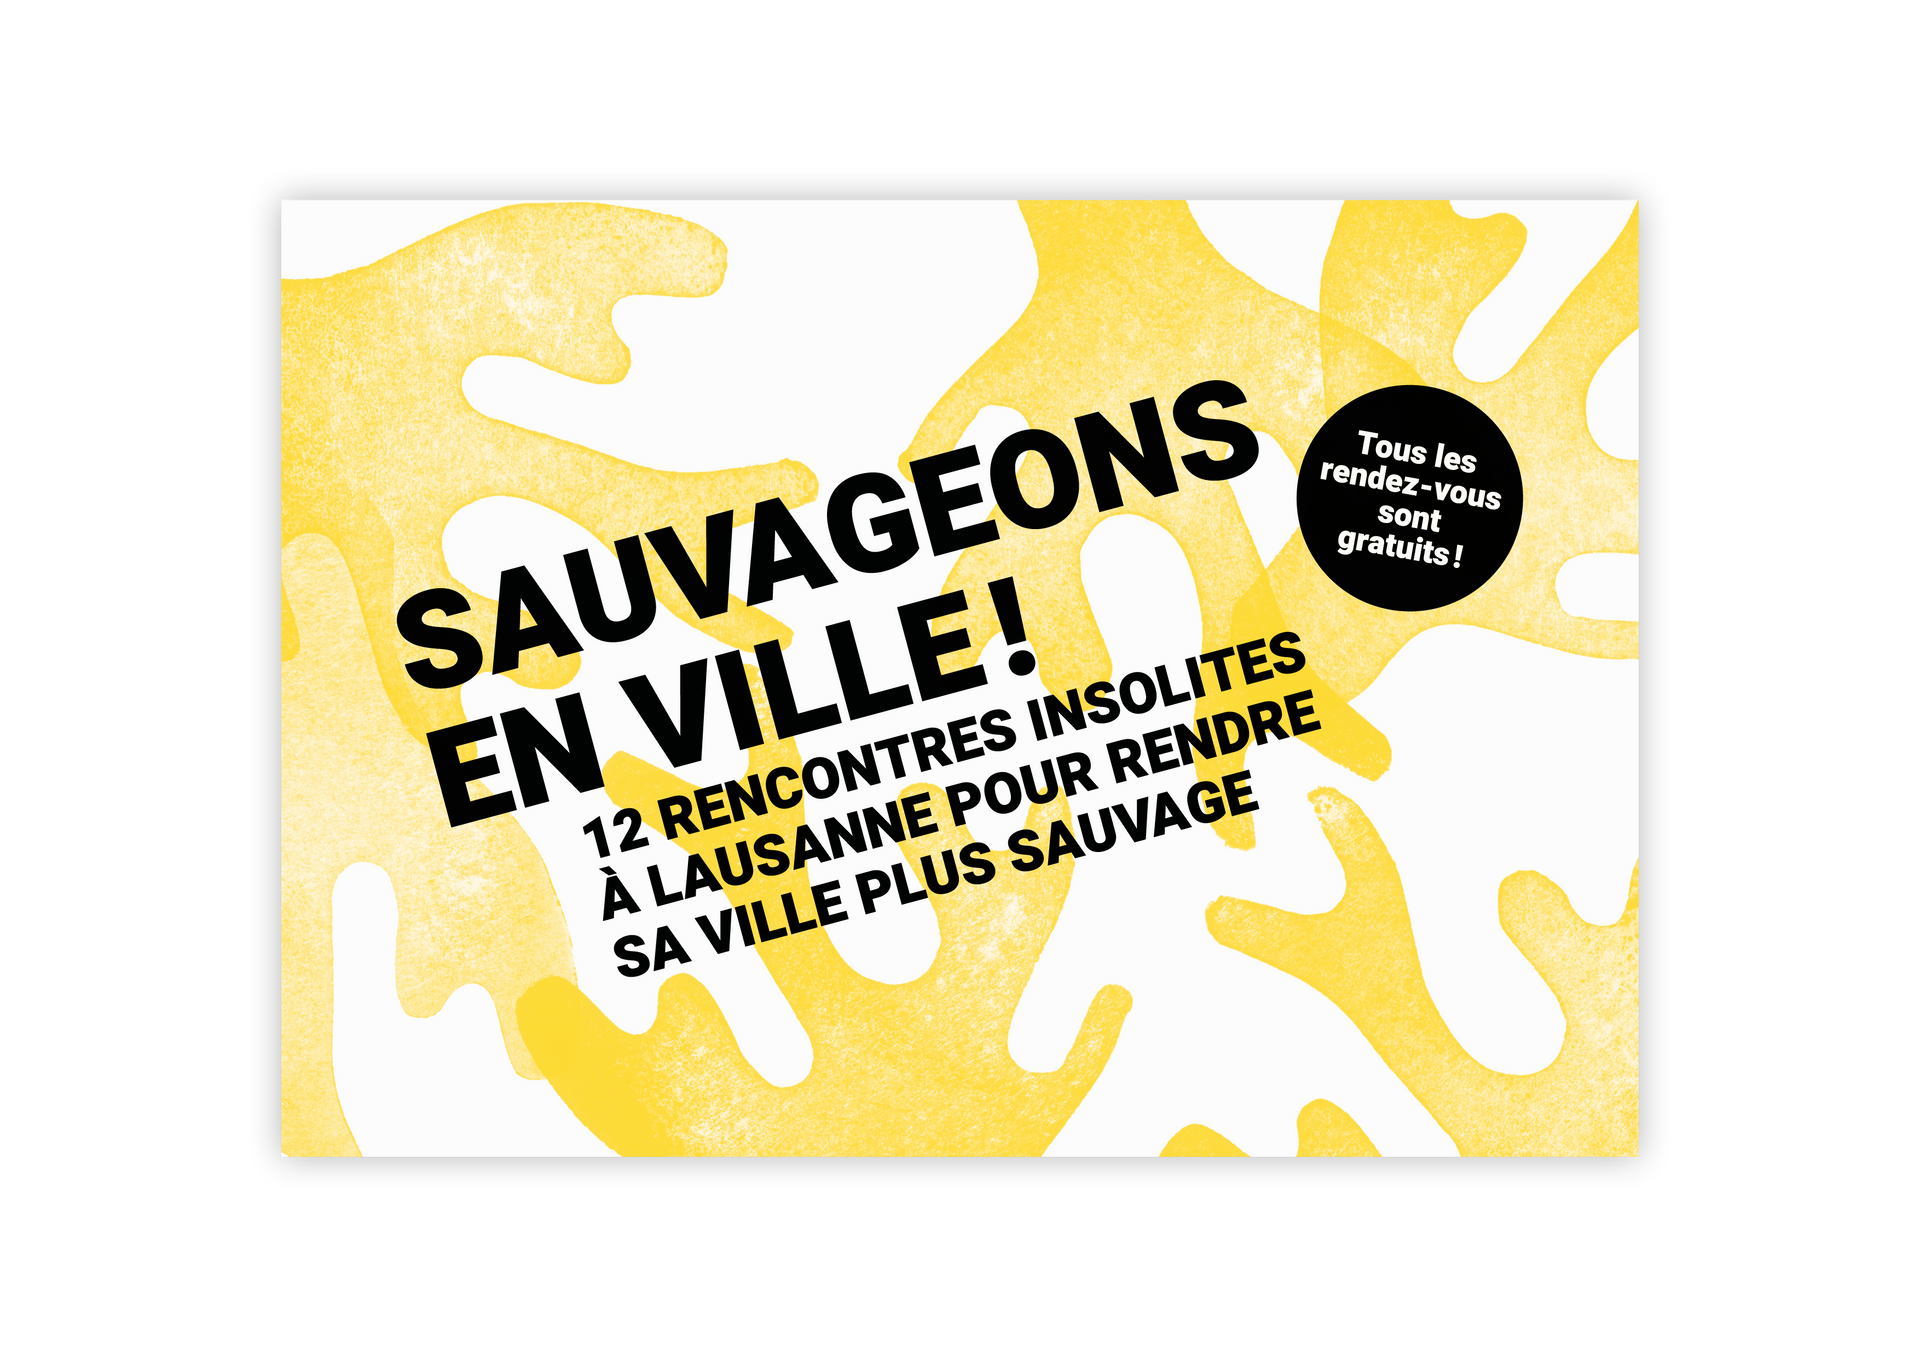 sauvageons2.png